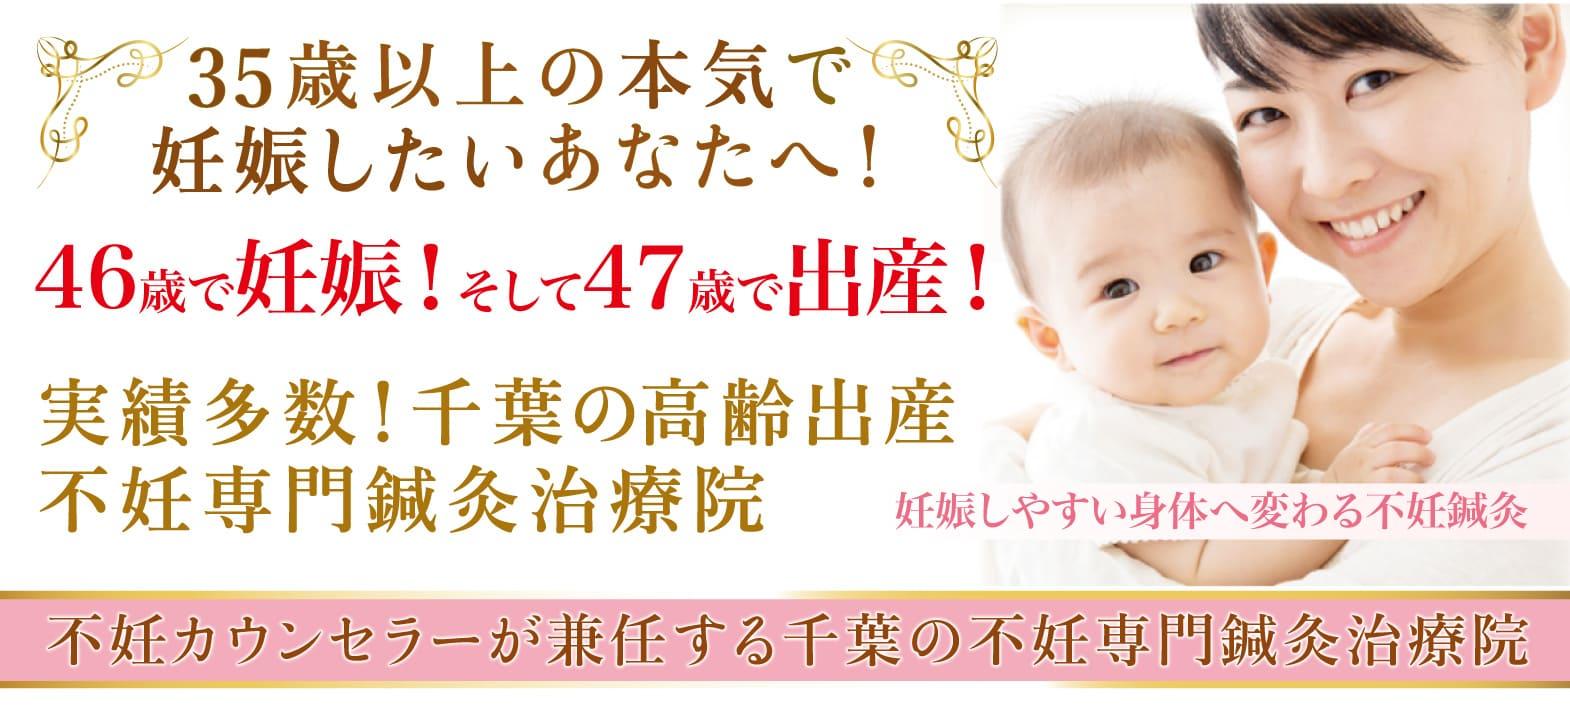 千葉県唯一の高齢出産鍼灸院